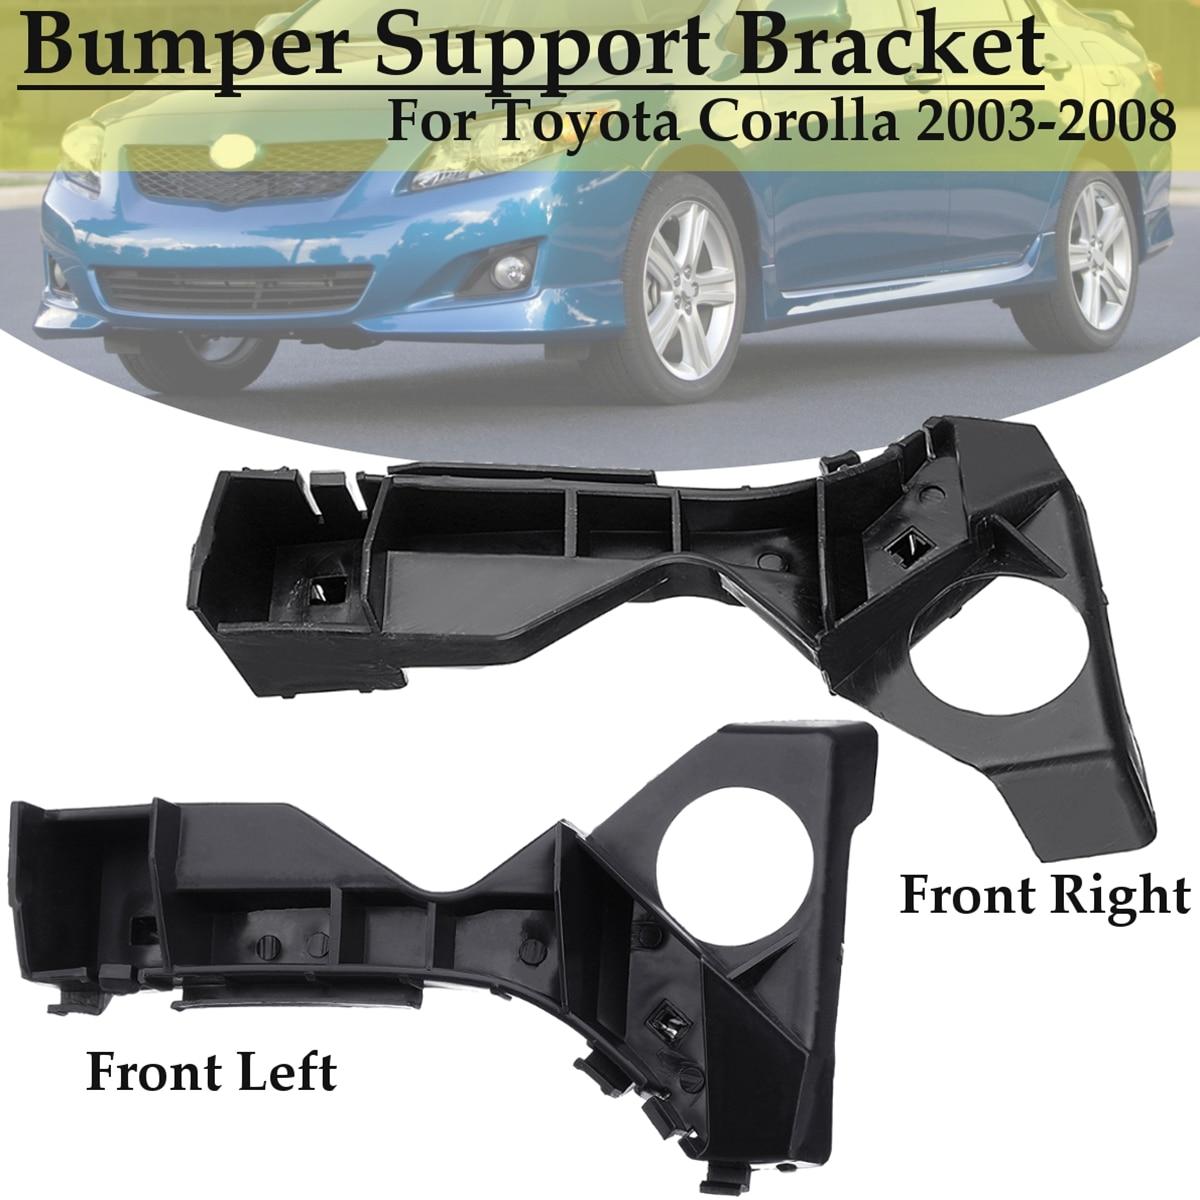 Ön sağ sol tampon Spacer braketi siyah Toyota Corolla 2003 2004 2005 2006 2007 2008 5211602061 TO1066142